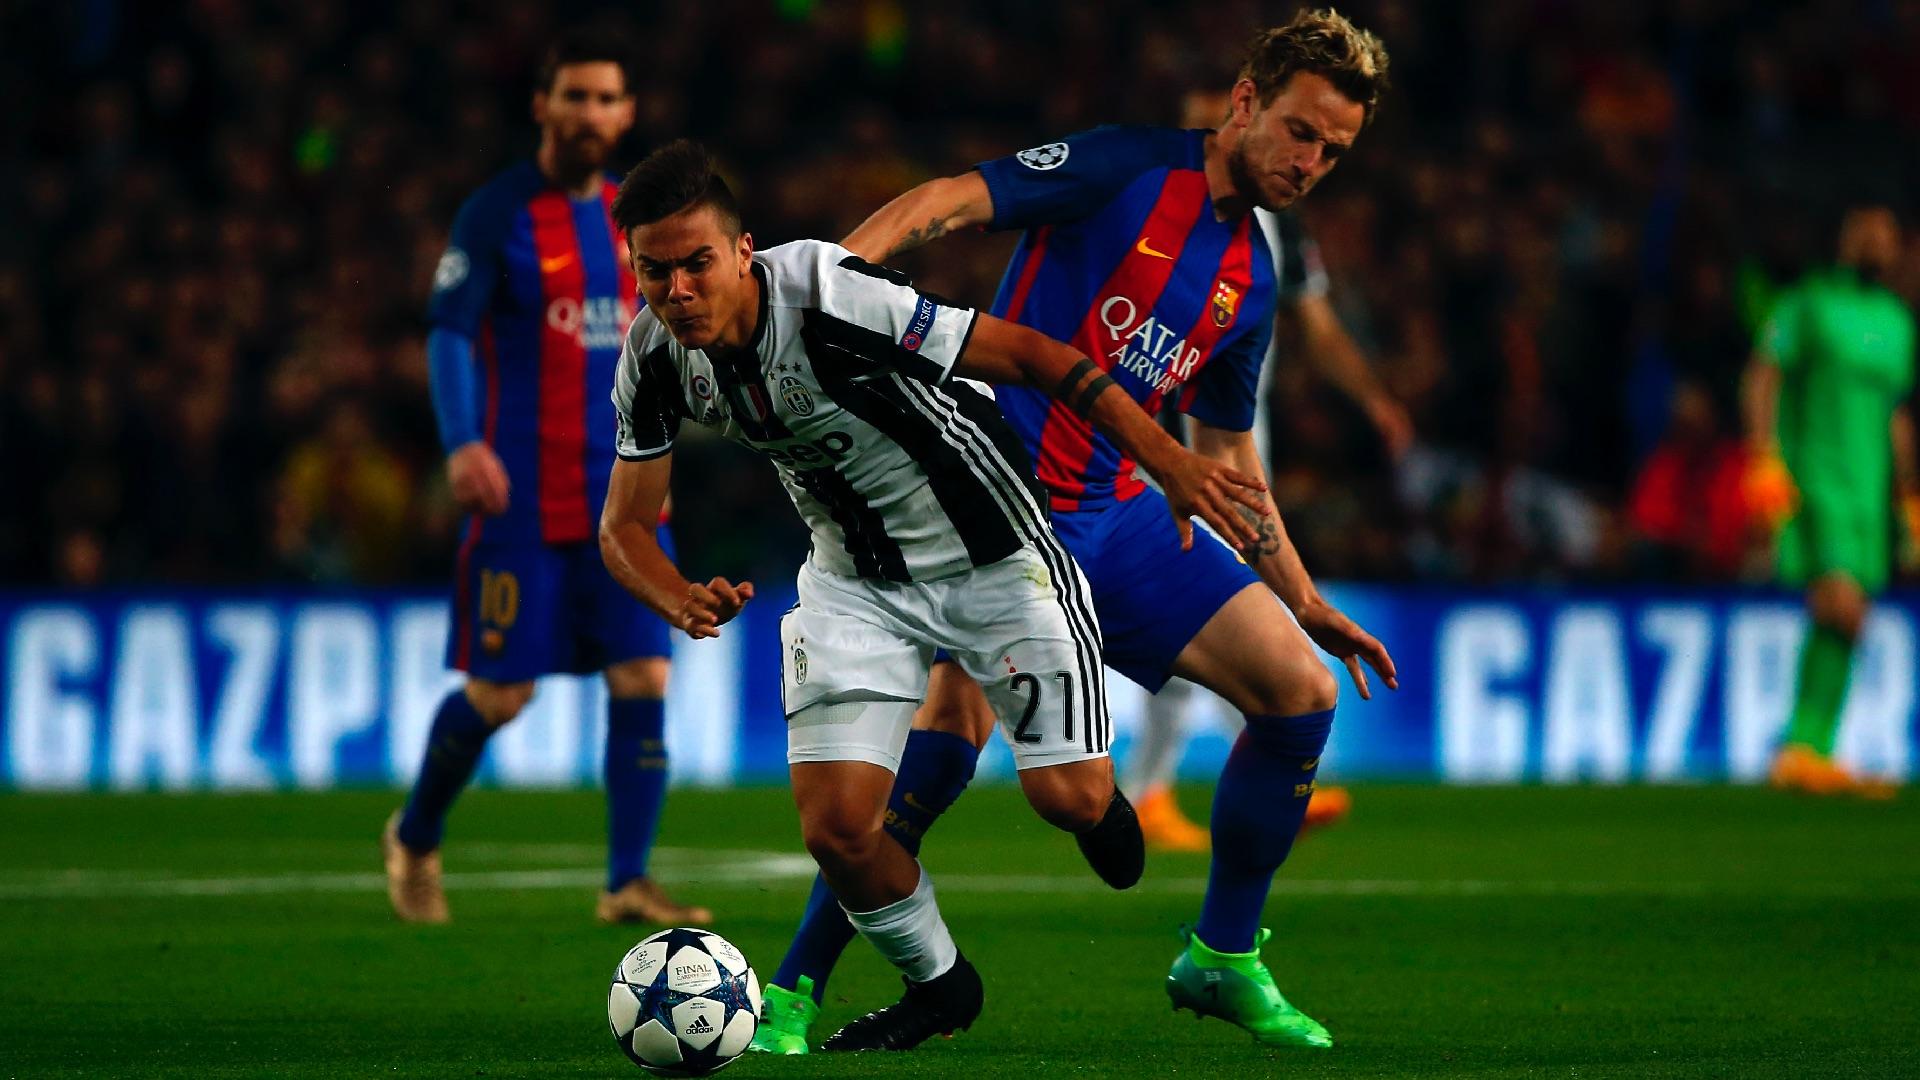 Dybala: Felici per l'impresa, non era facile non subire gol